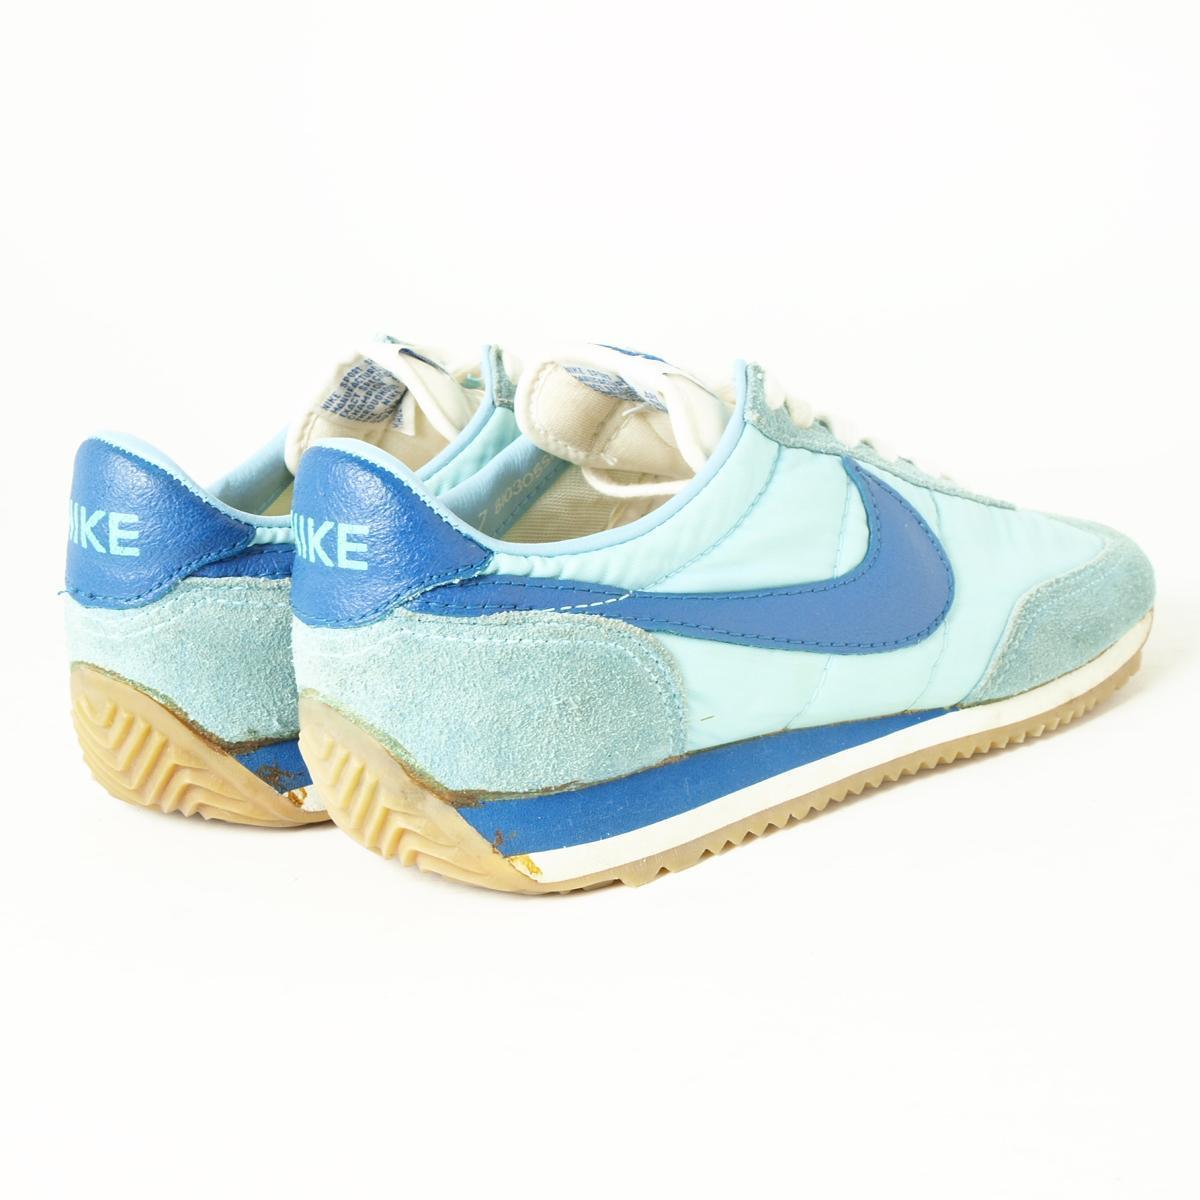 81年制造耐克OCEANIA大洋洲韩国制造运动鞋US7女士24.0cm复古NIKE/boi4033 160311